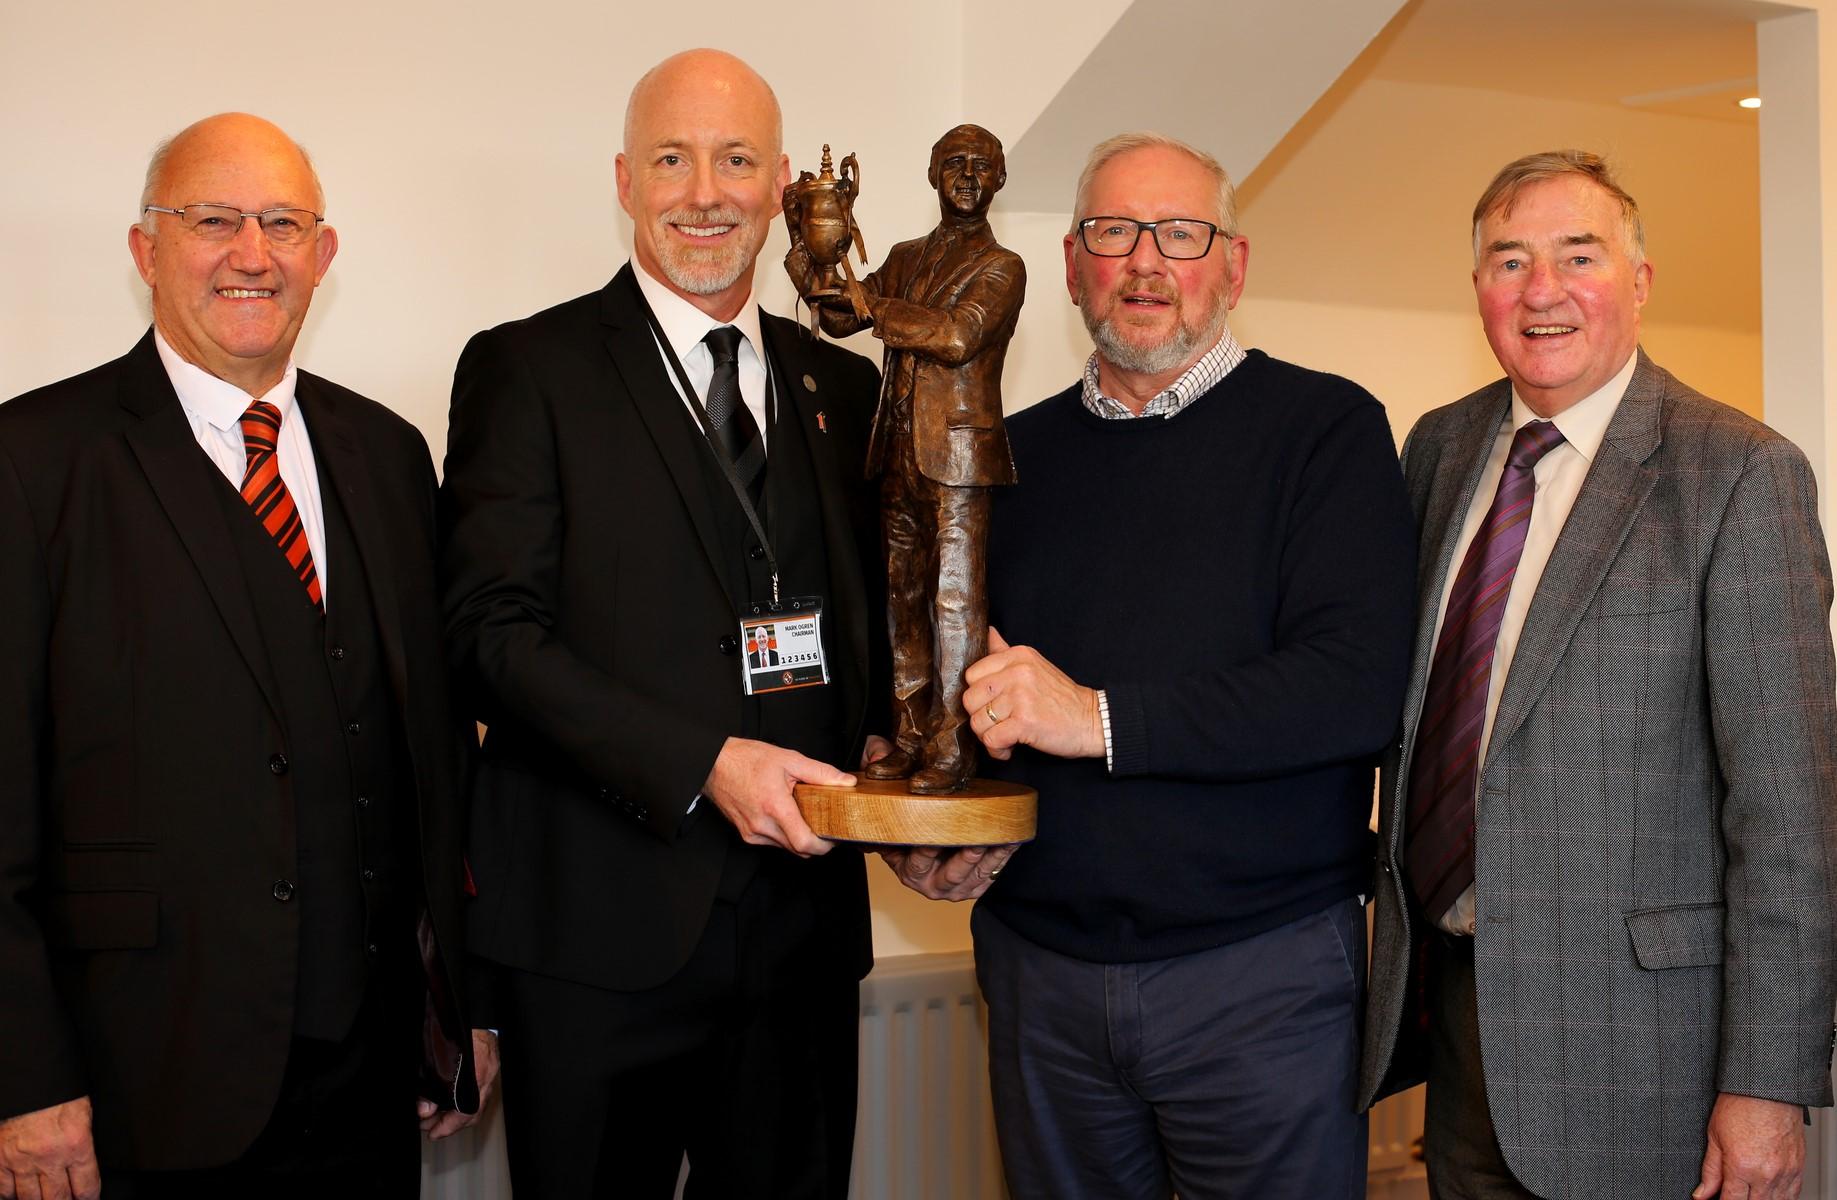 David Dorward, Mark Ogren, Alan Heriott and George Haggarty with the replica statue.